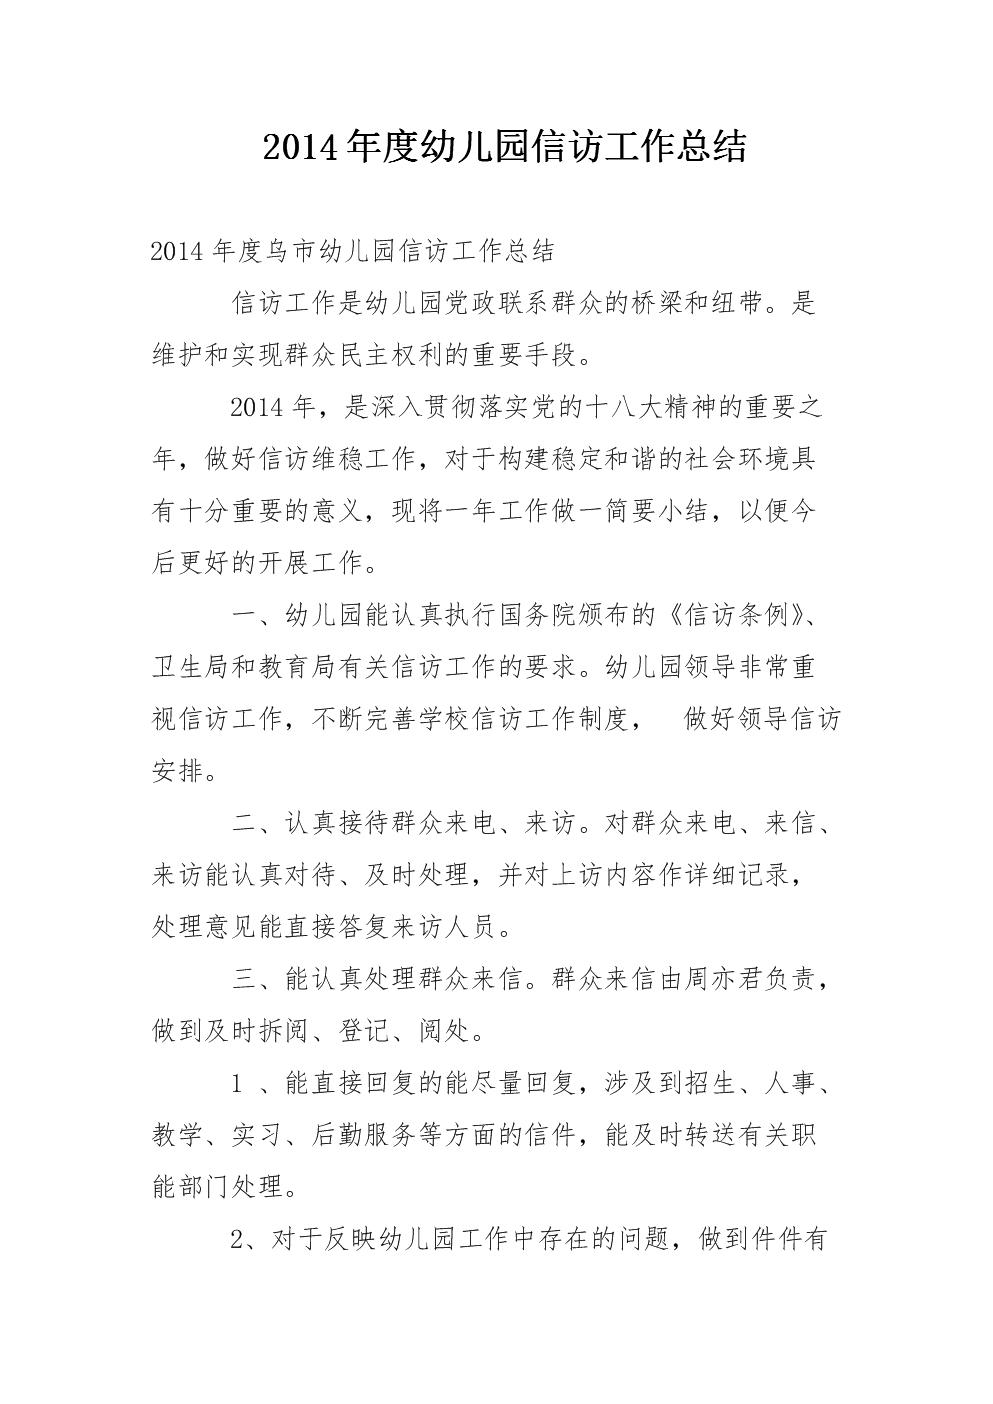 2014年度幼儿园信访工作总结.doc